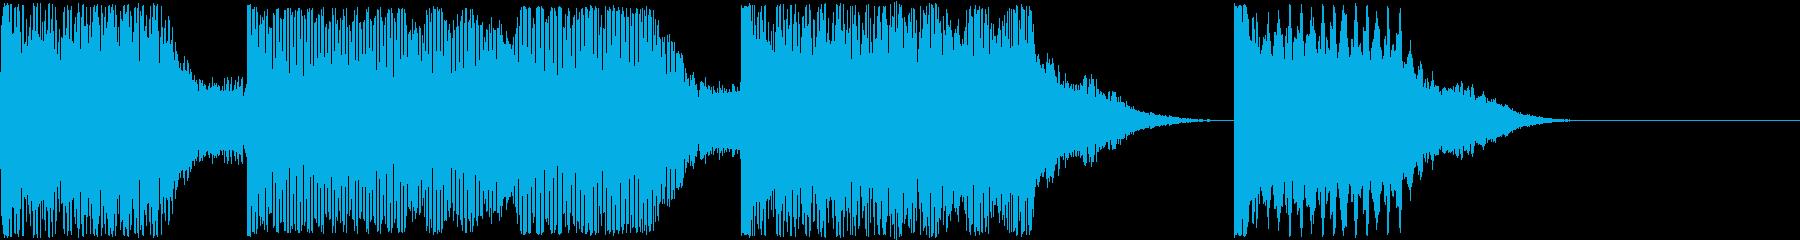 AI メカ/ロボ/マシン動作音 3の再生済みの波形